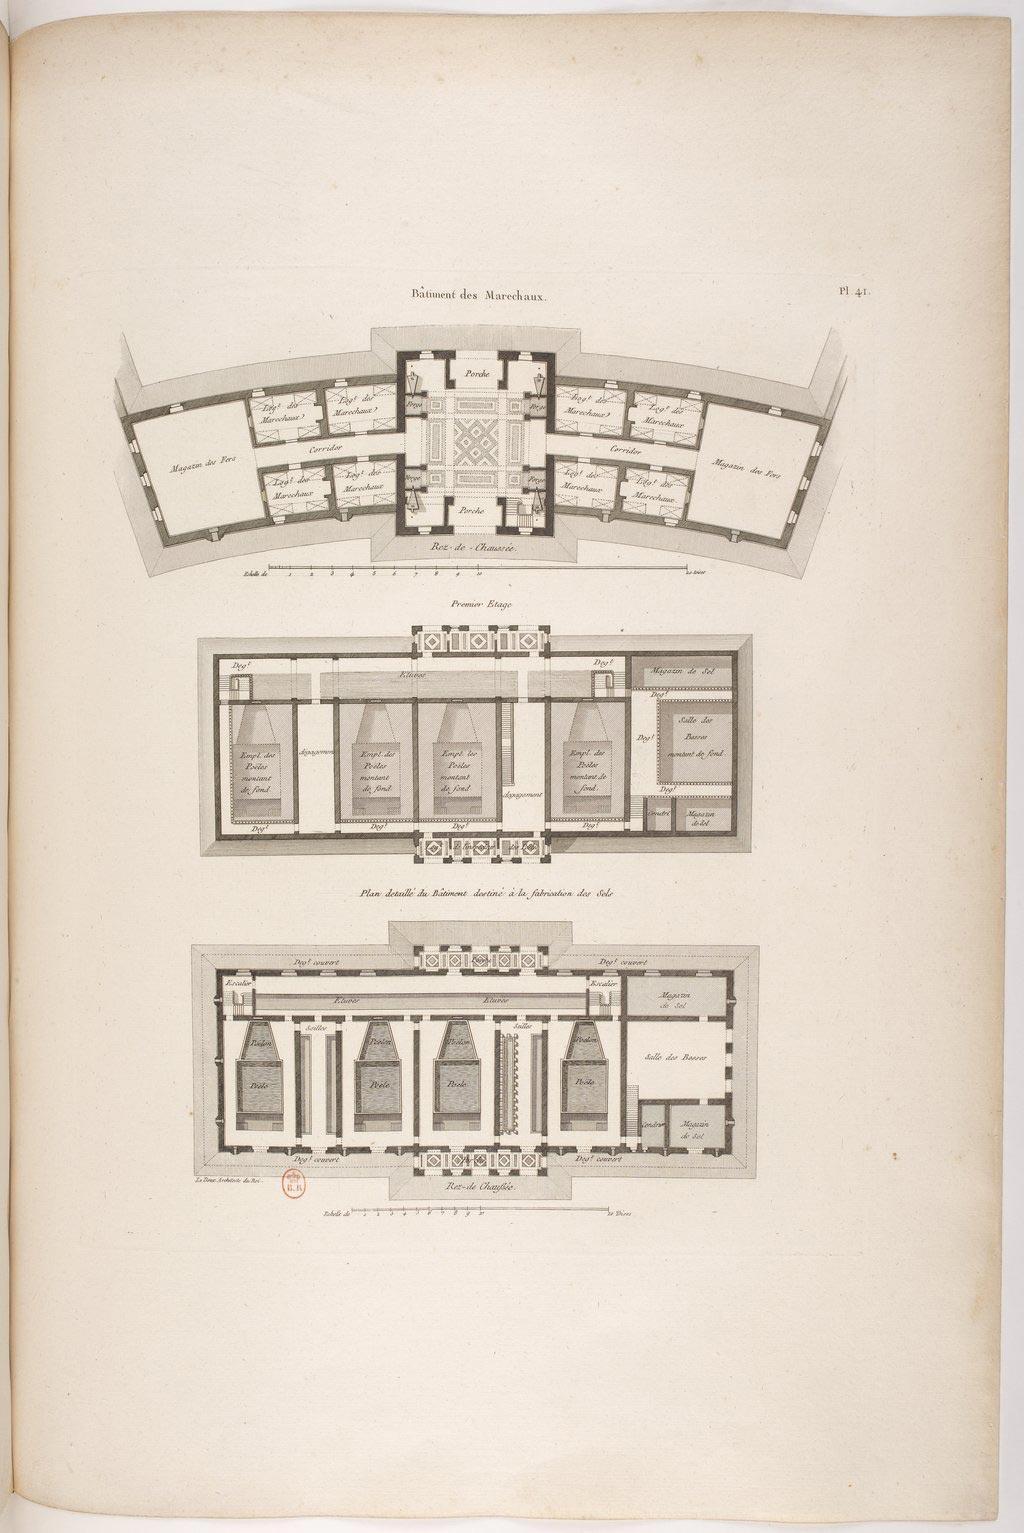 ledoux-claude-architecture-333